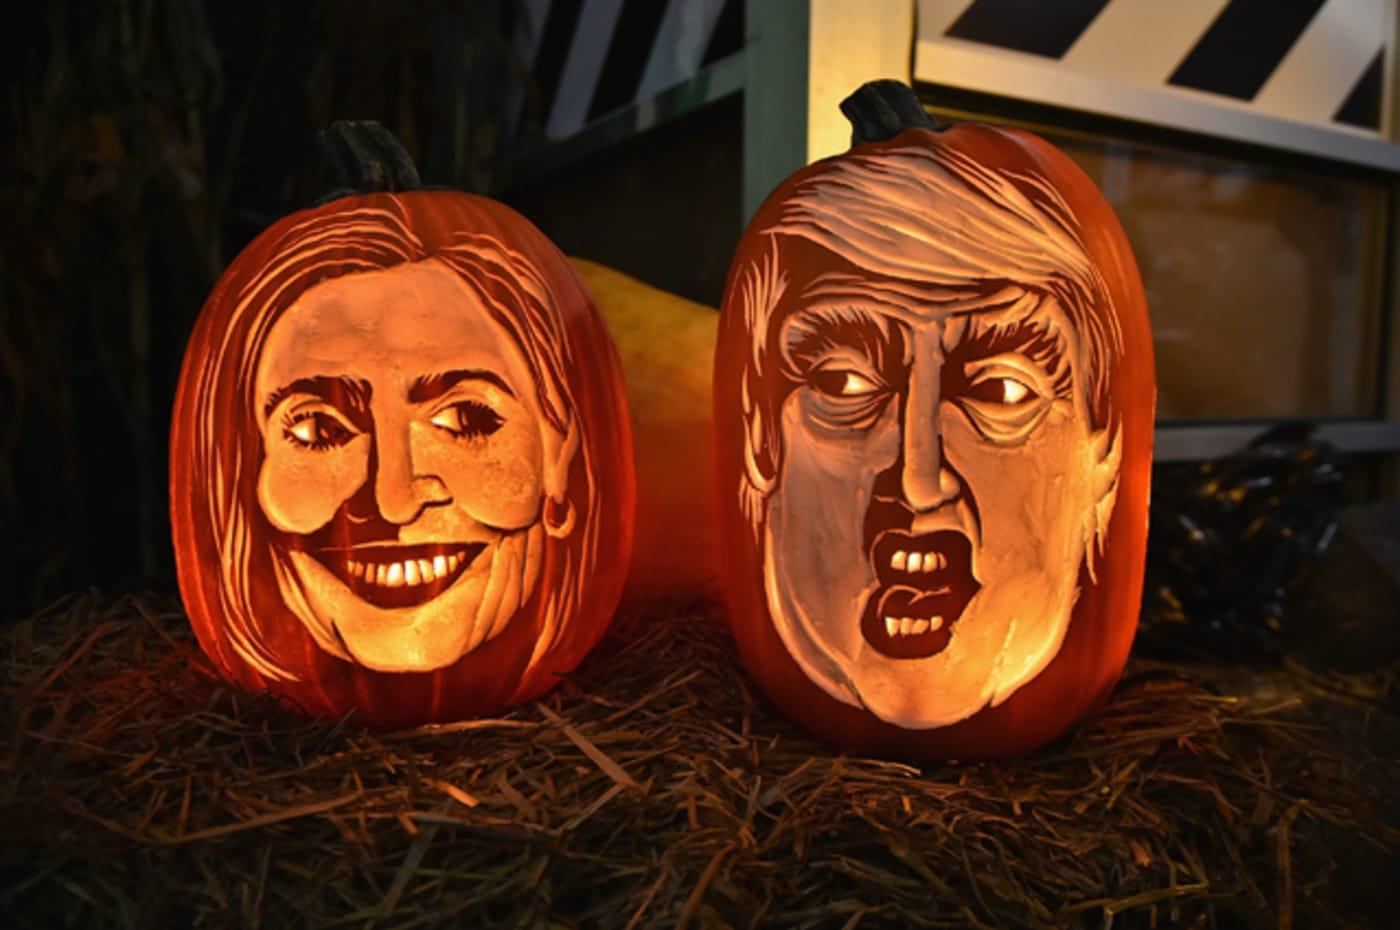 Hillary Clinton, Donald Trump pumpkins